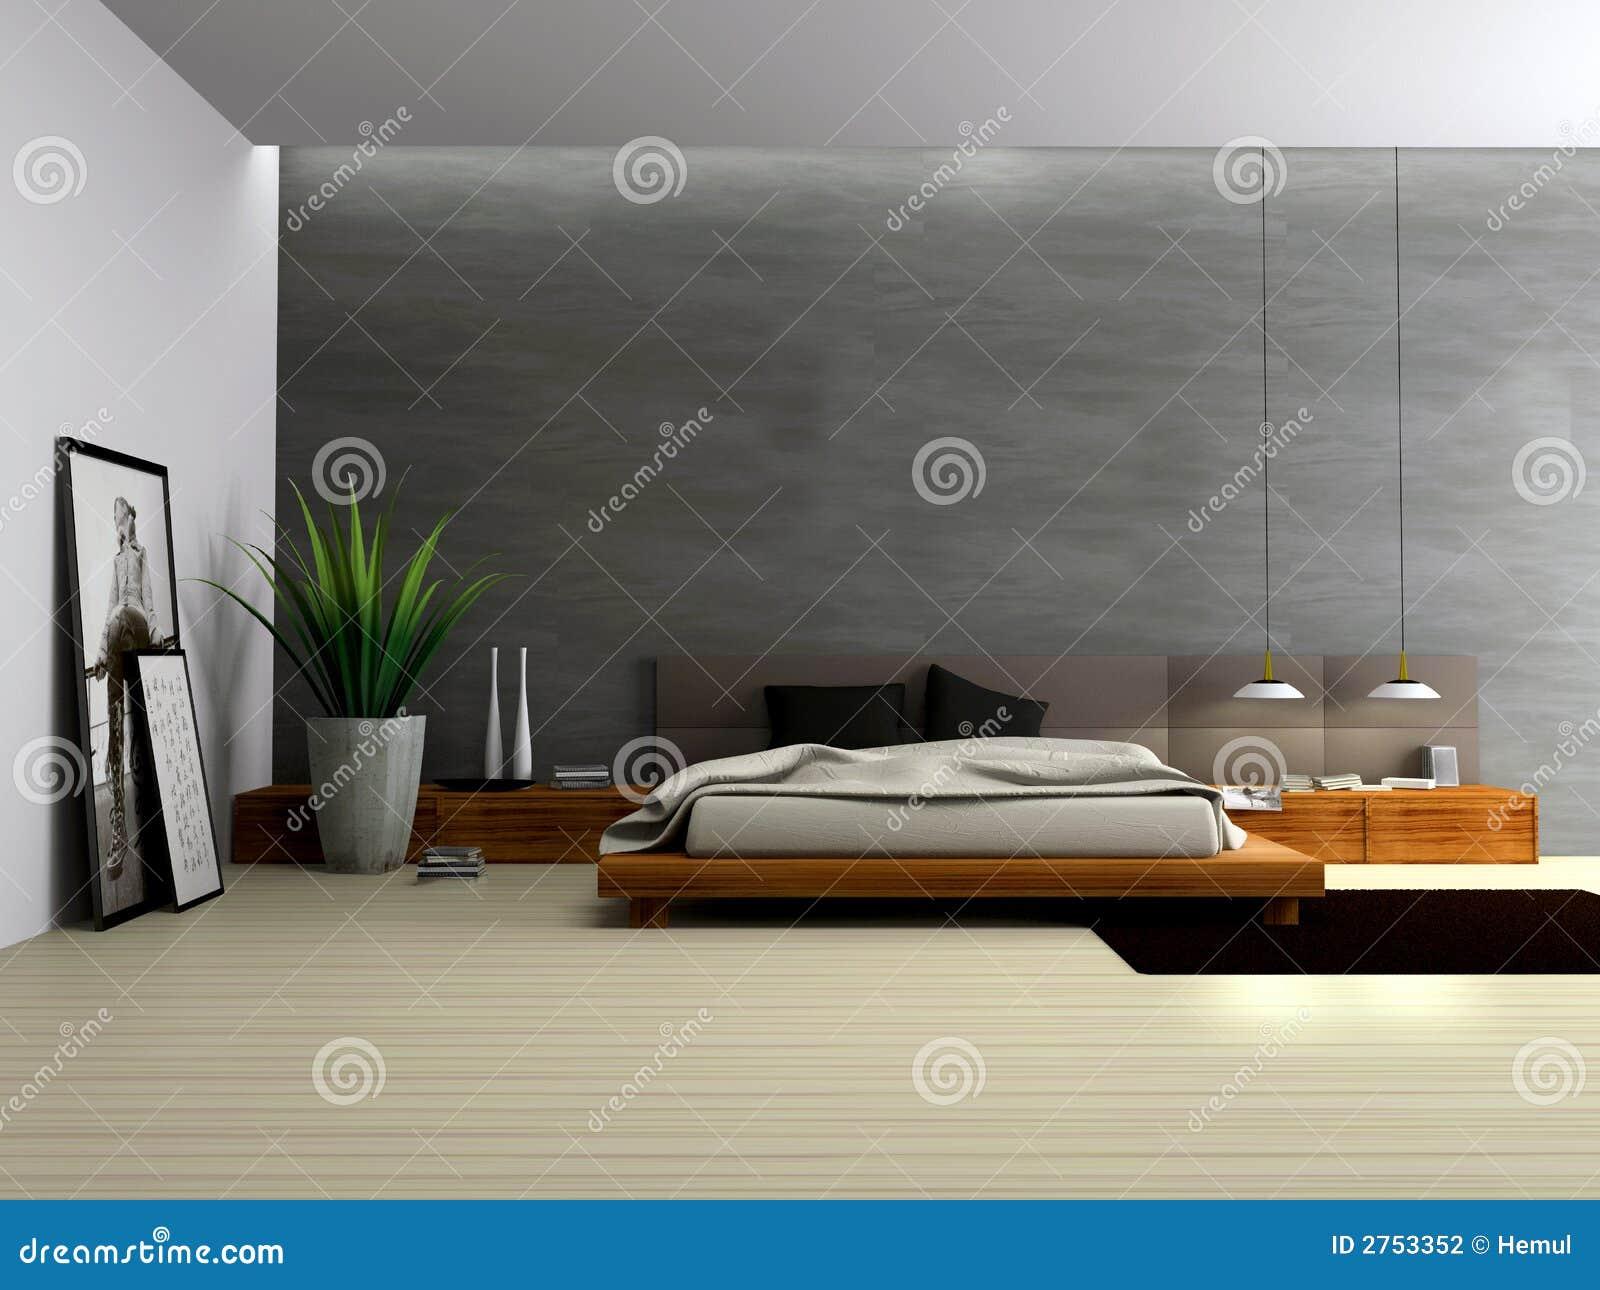 lampadari per camera da letto ikea: camera da letto shabby chic